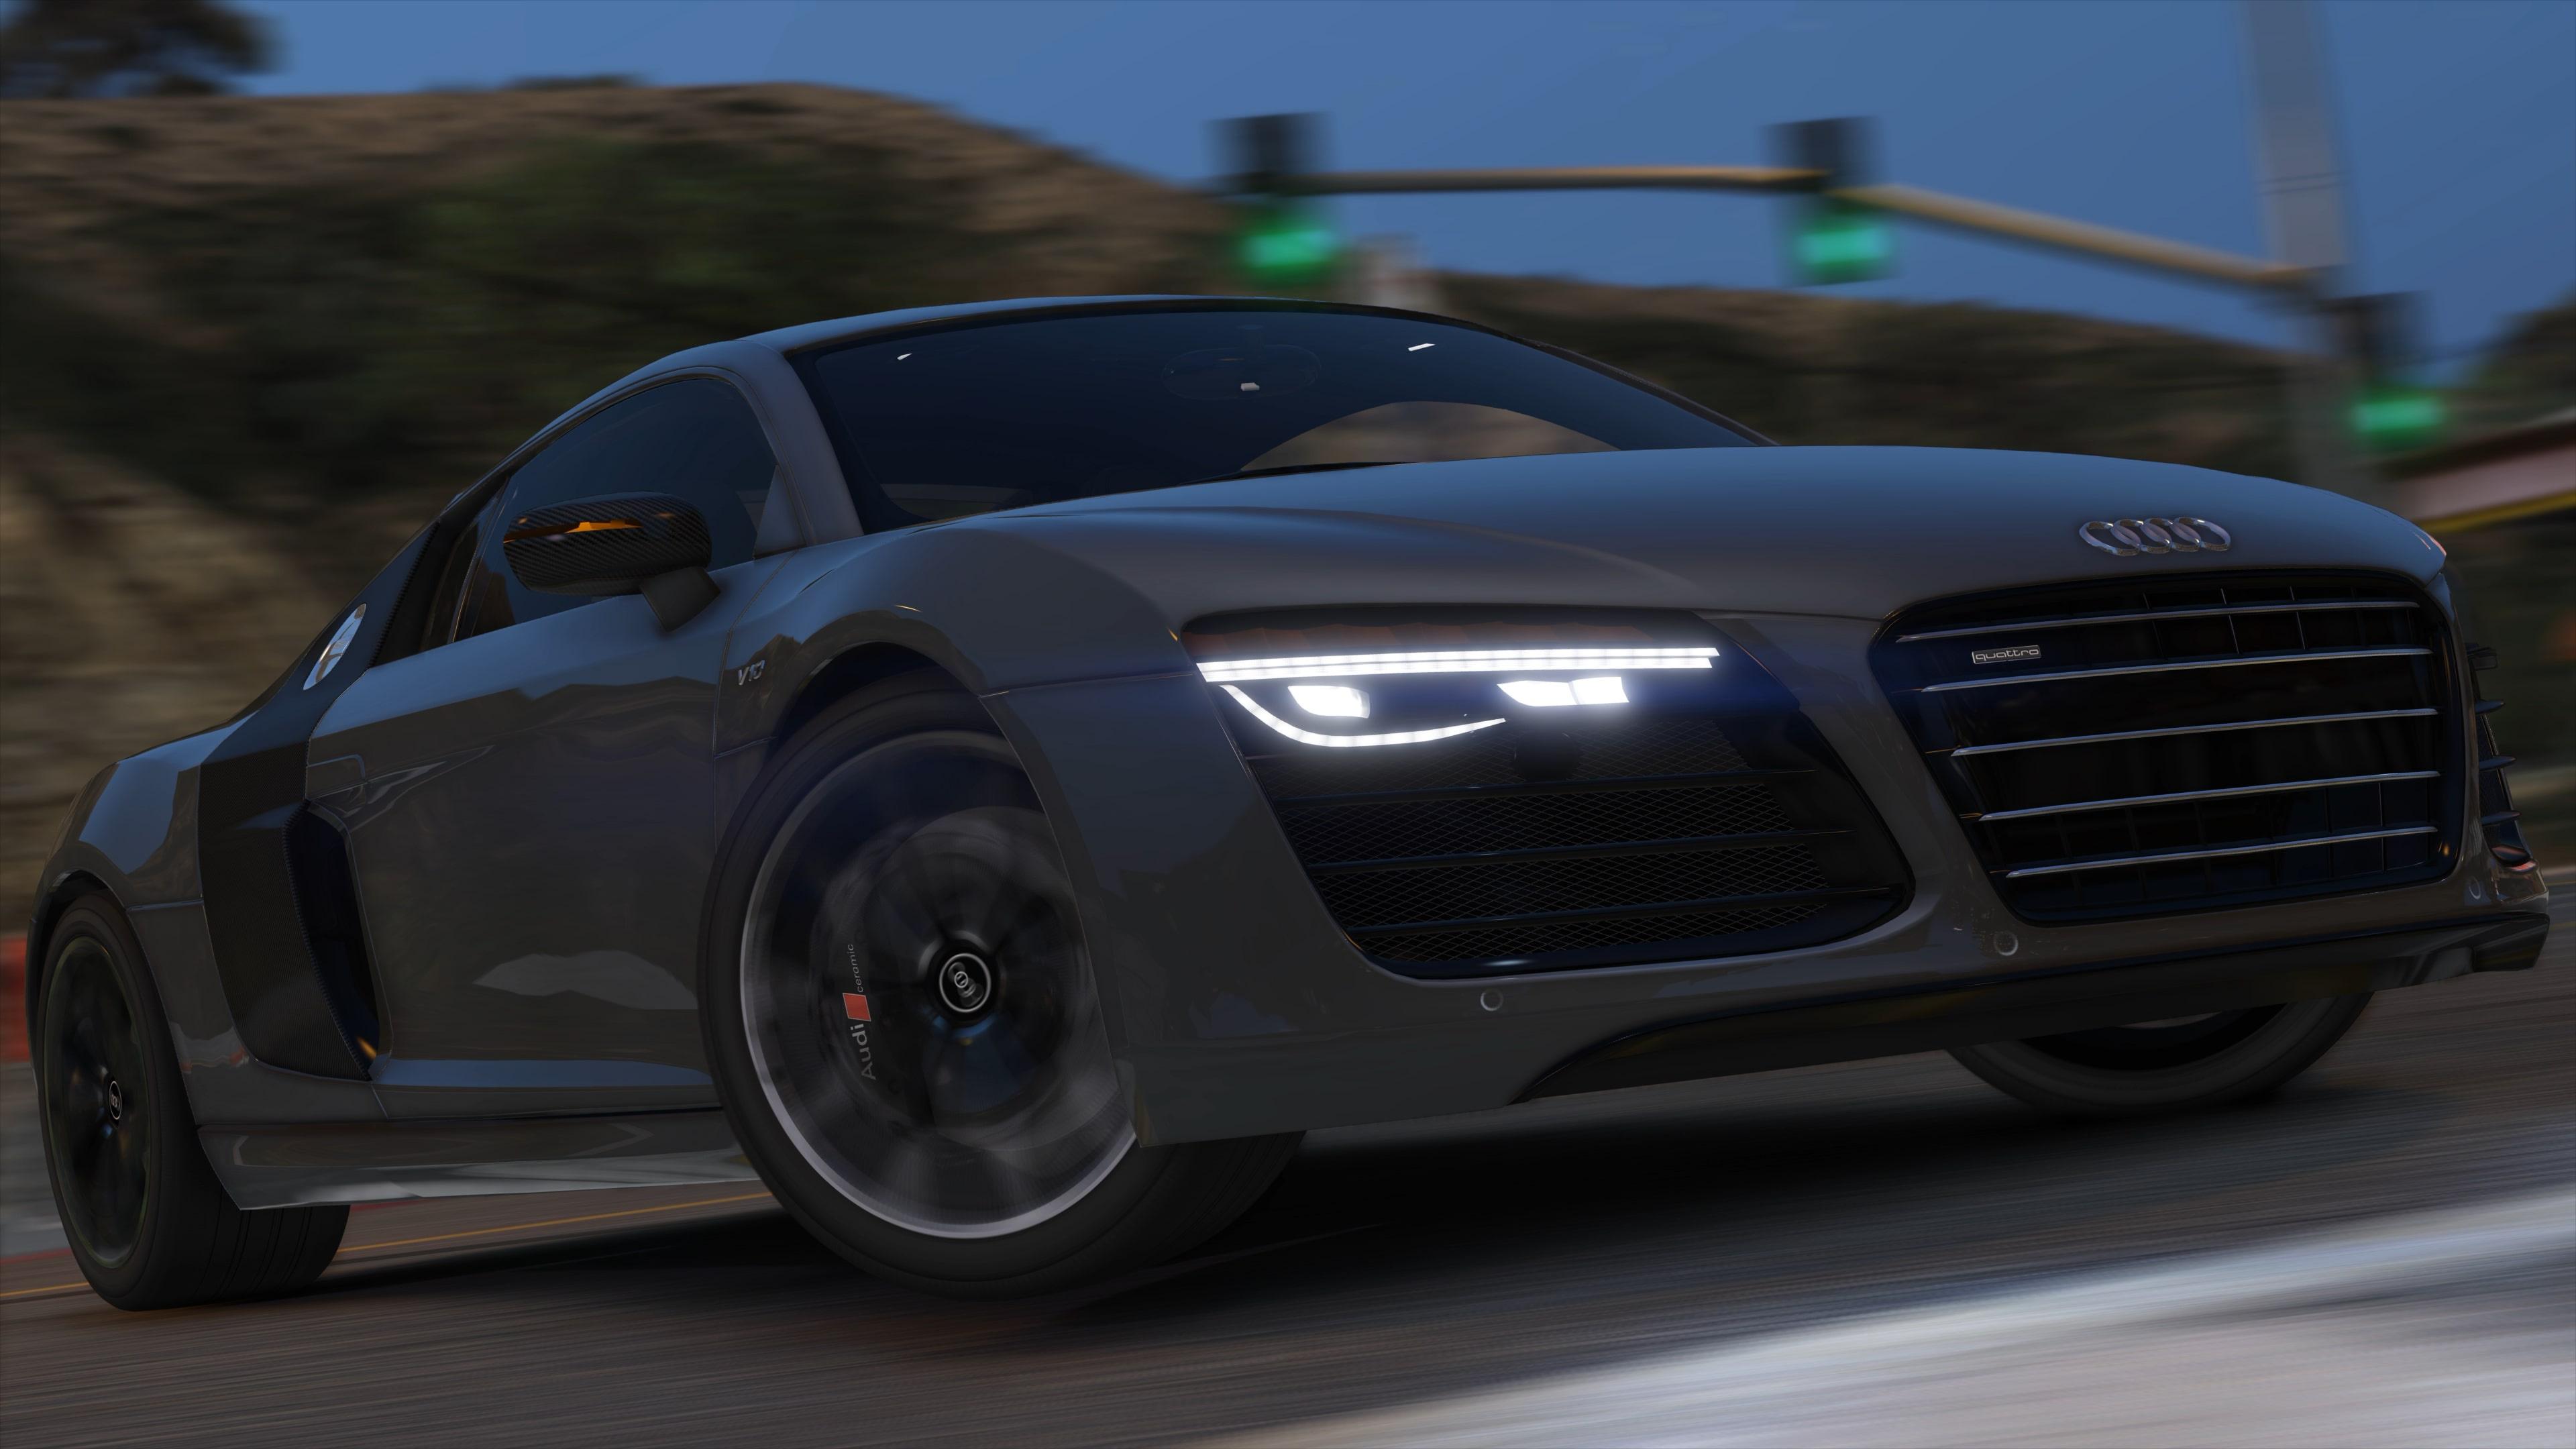 2013 Audi R8 5 2 FSI Quattro Plus [Add Replace] GTA5 Mods